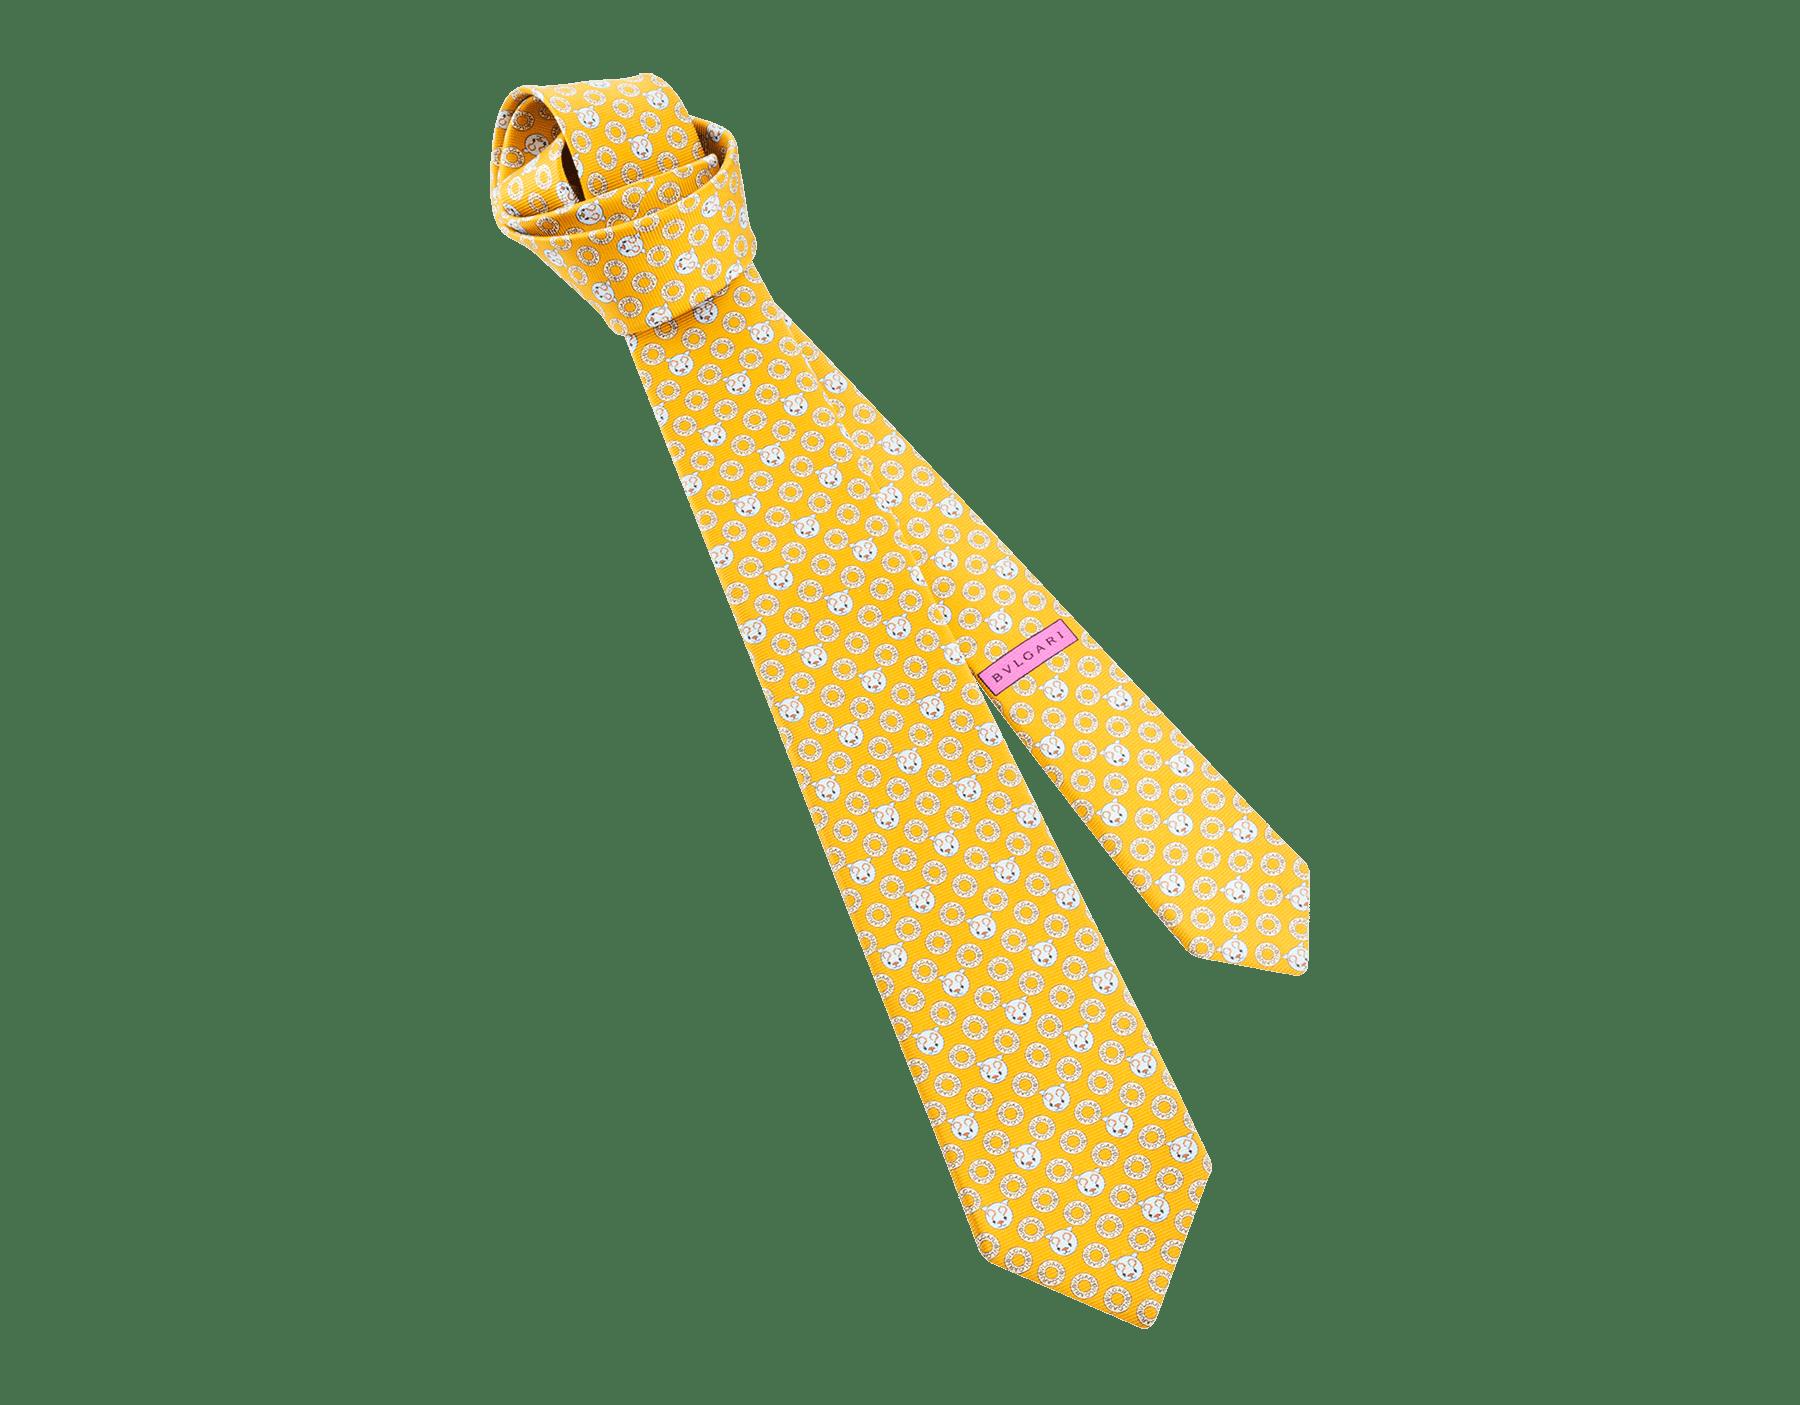 マンダリンのロゴ エモティキャット セブンフォールドネクタイ。上質なサリオーネプリントシルク製。 244329 image 1